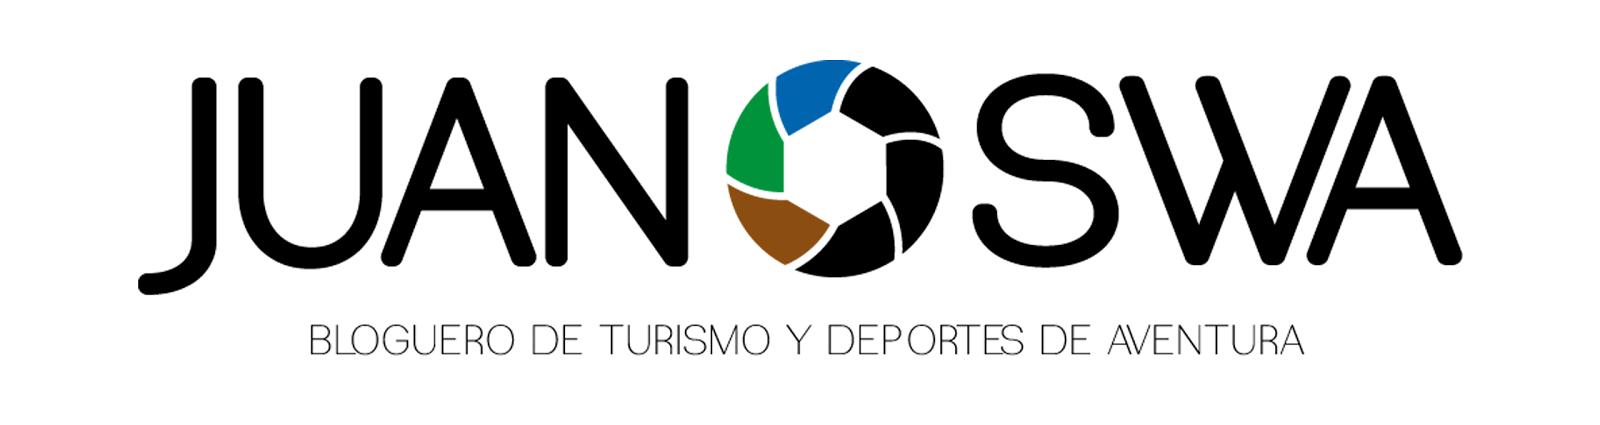 Juanoswa | Blog de Turismo y Deportes de Aventura en Perú